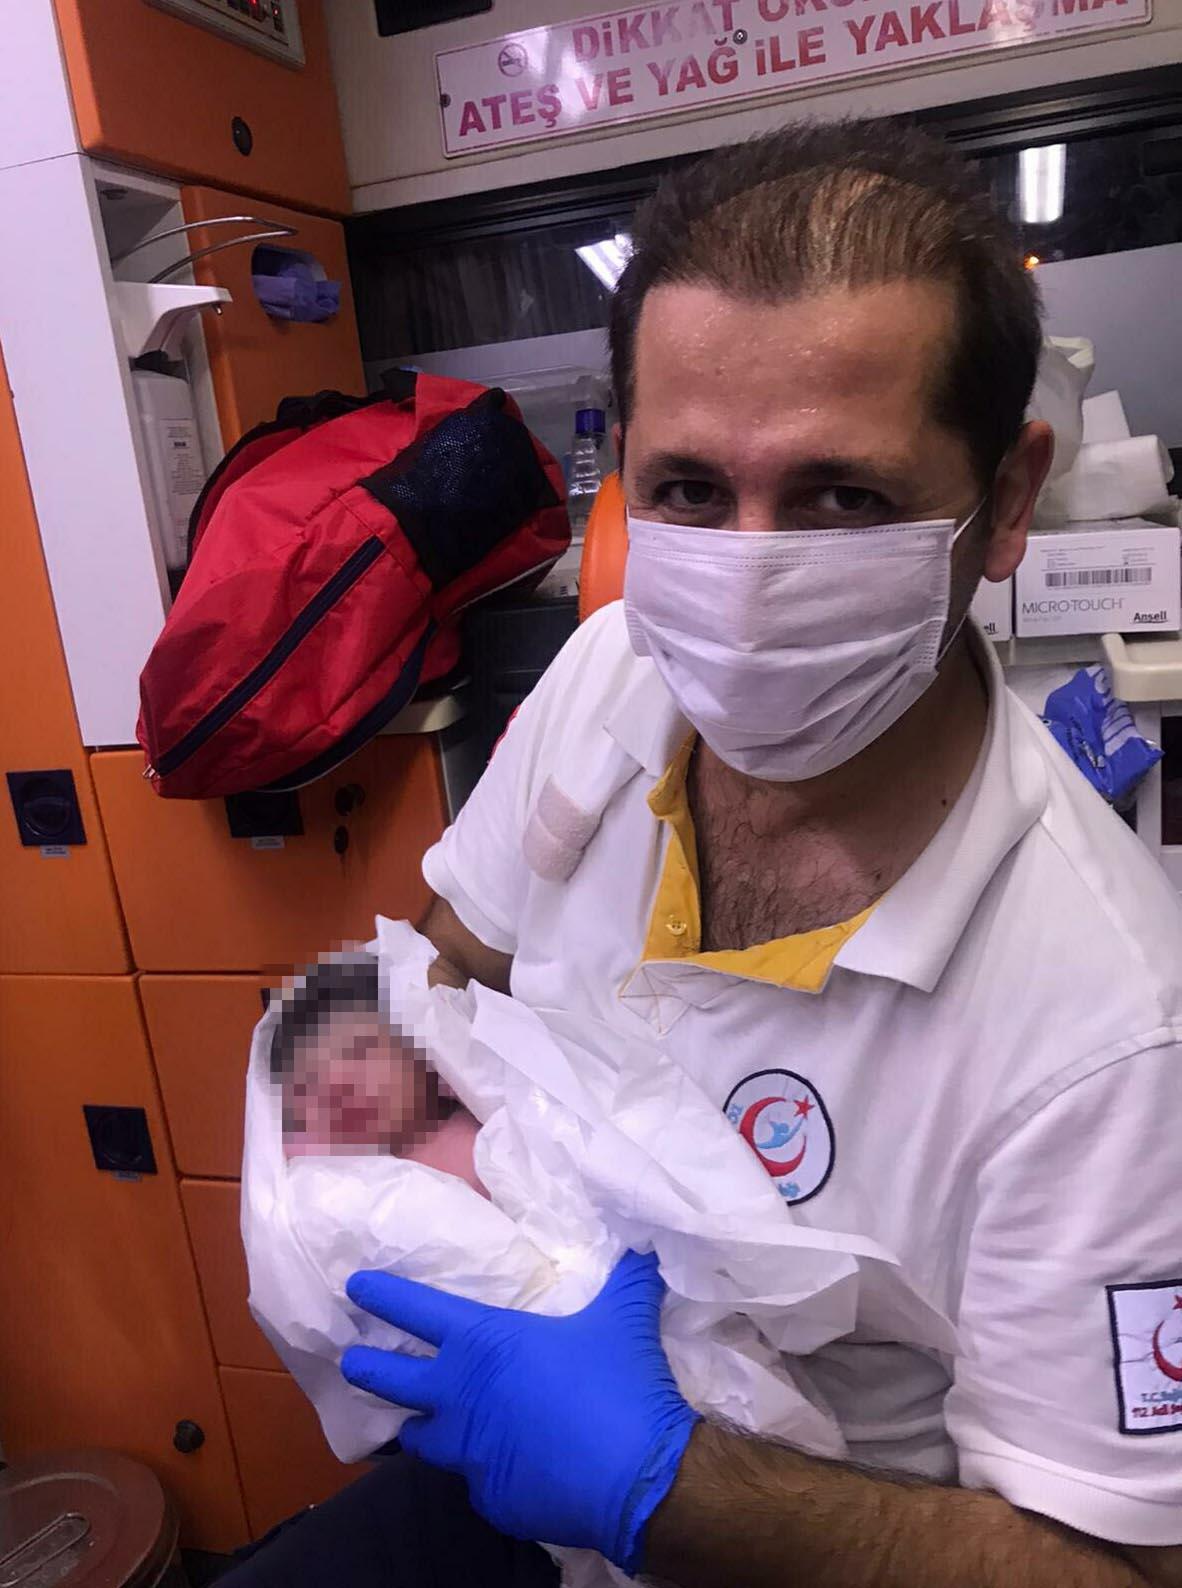 Hastaneye kaldırılırken ambulansta doğum yaptı